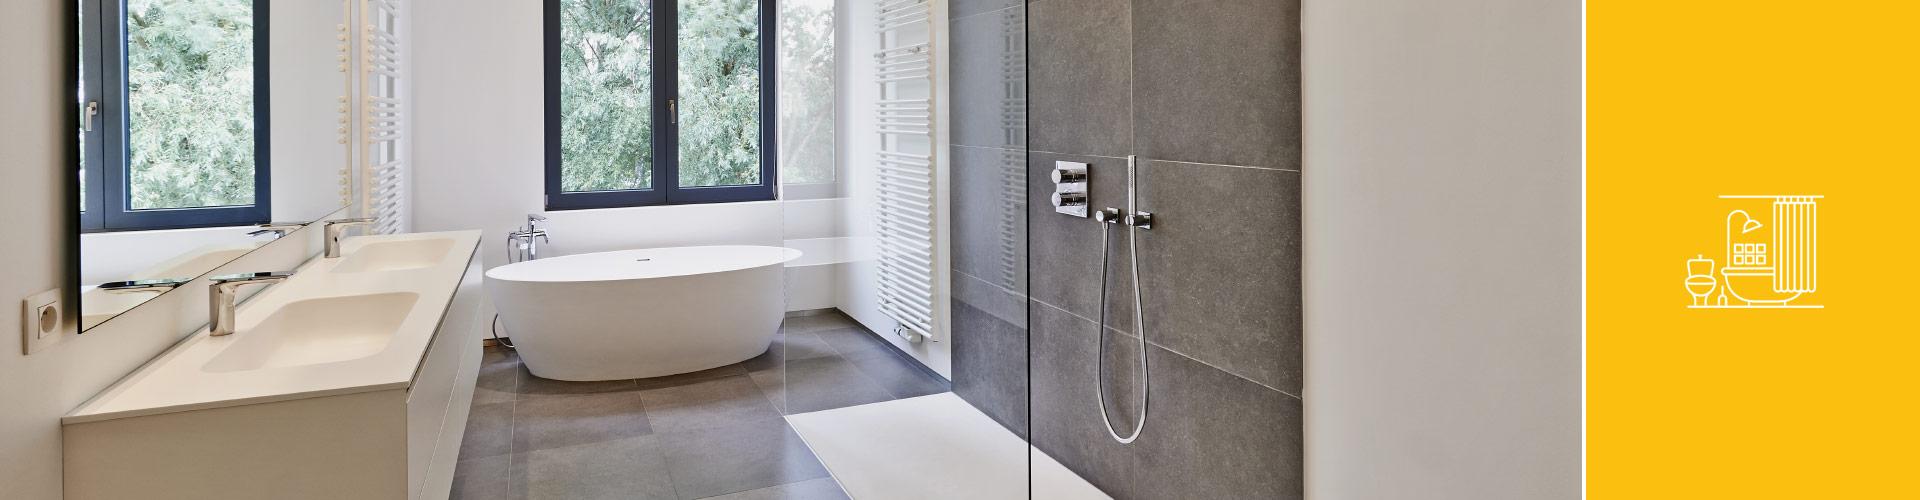 Rénovation salle de bain Lyon, devis gratuit | Lyon Rénovation